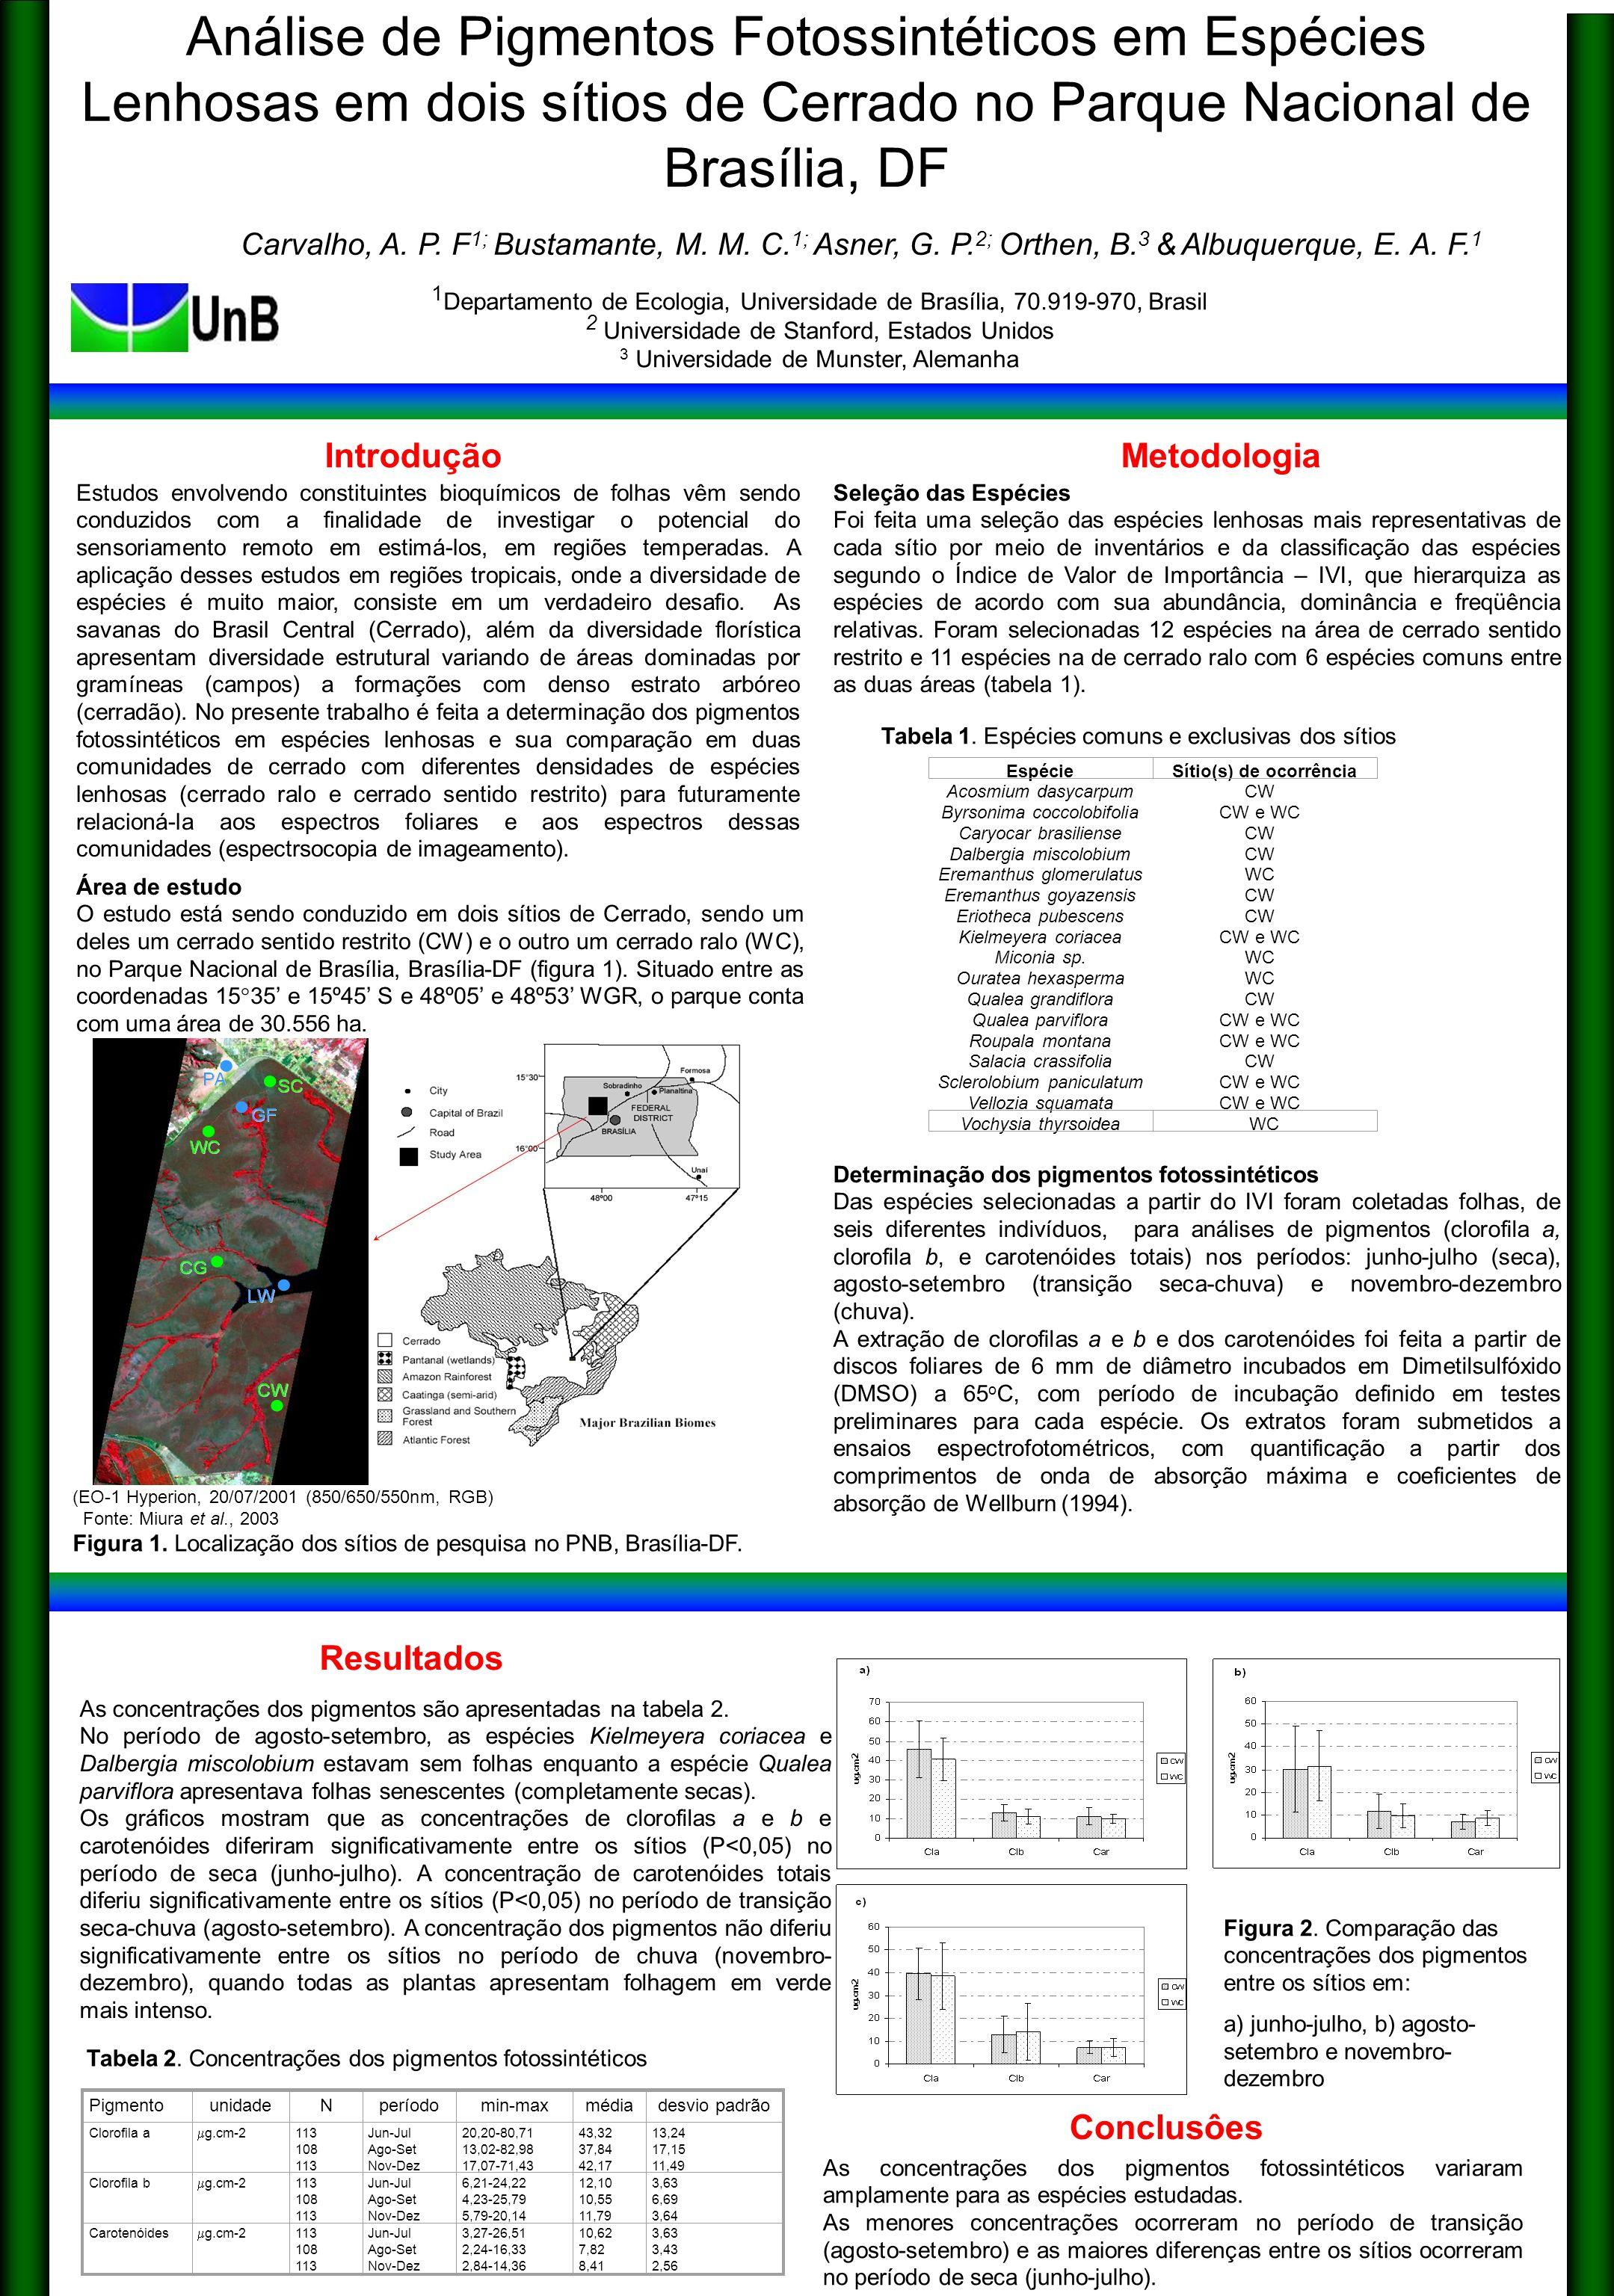 Introdução Resultados Metodologia Análise de Pigmentos Fotossintéticos em Espécies Lenhosas em dois sítios de Cerrado no Parque Nacional de Brasília,